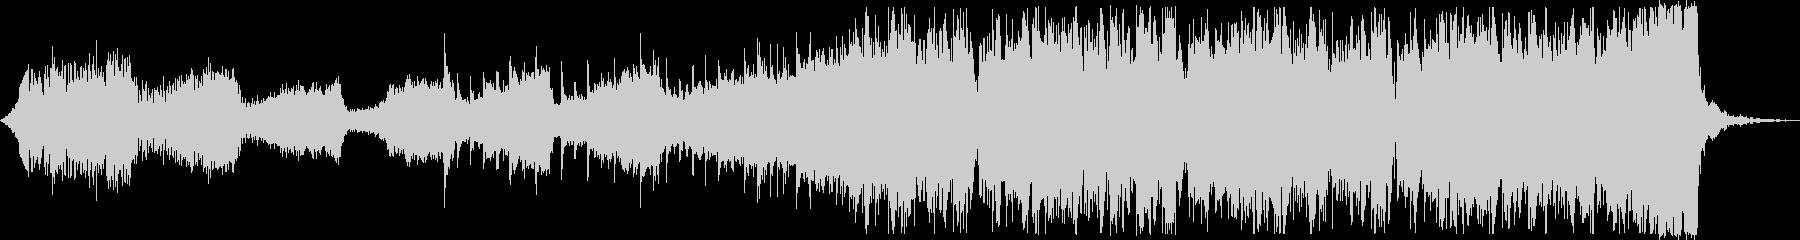 クール軽快SFストリングスEDMハウスcの未再生の波形